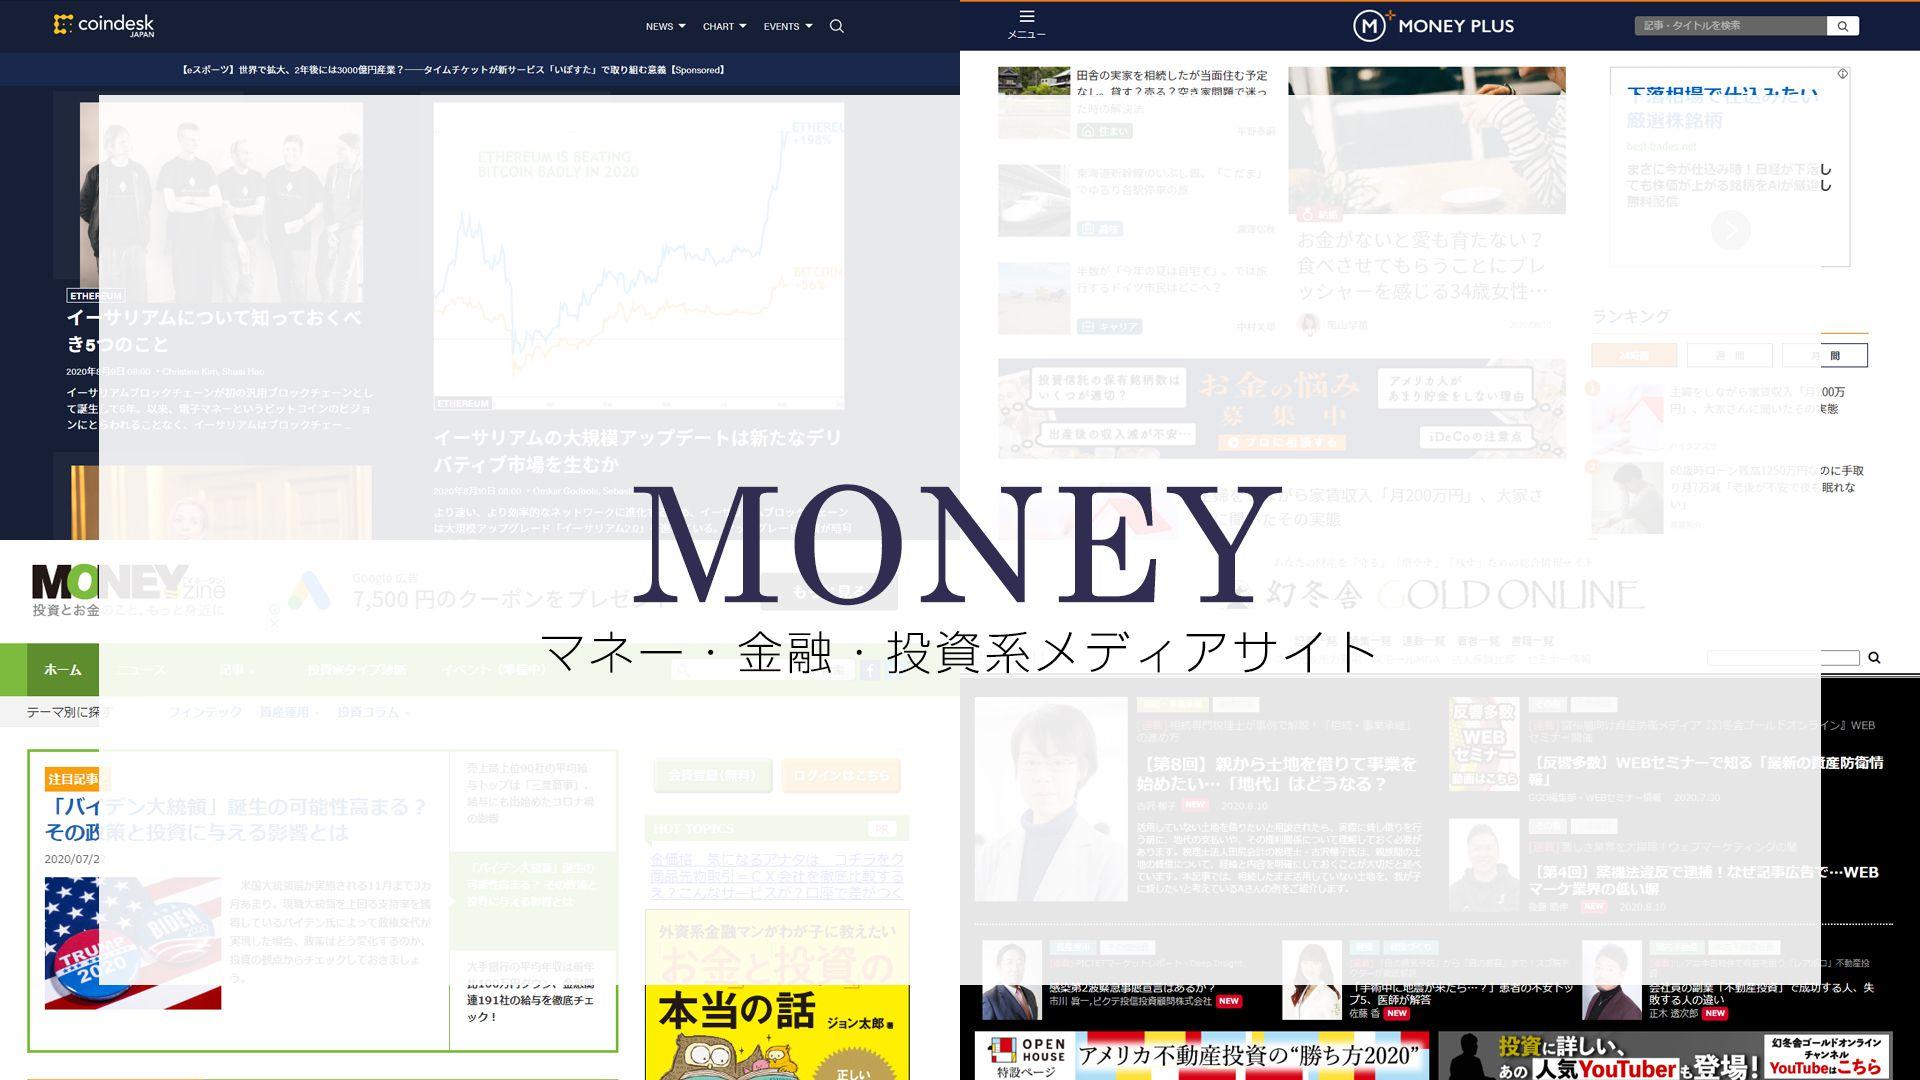 マネー・金融・投資系のメディアサイトを集めました【リンク集|13選】